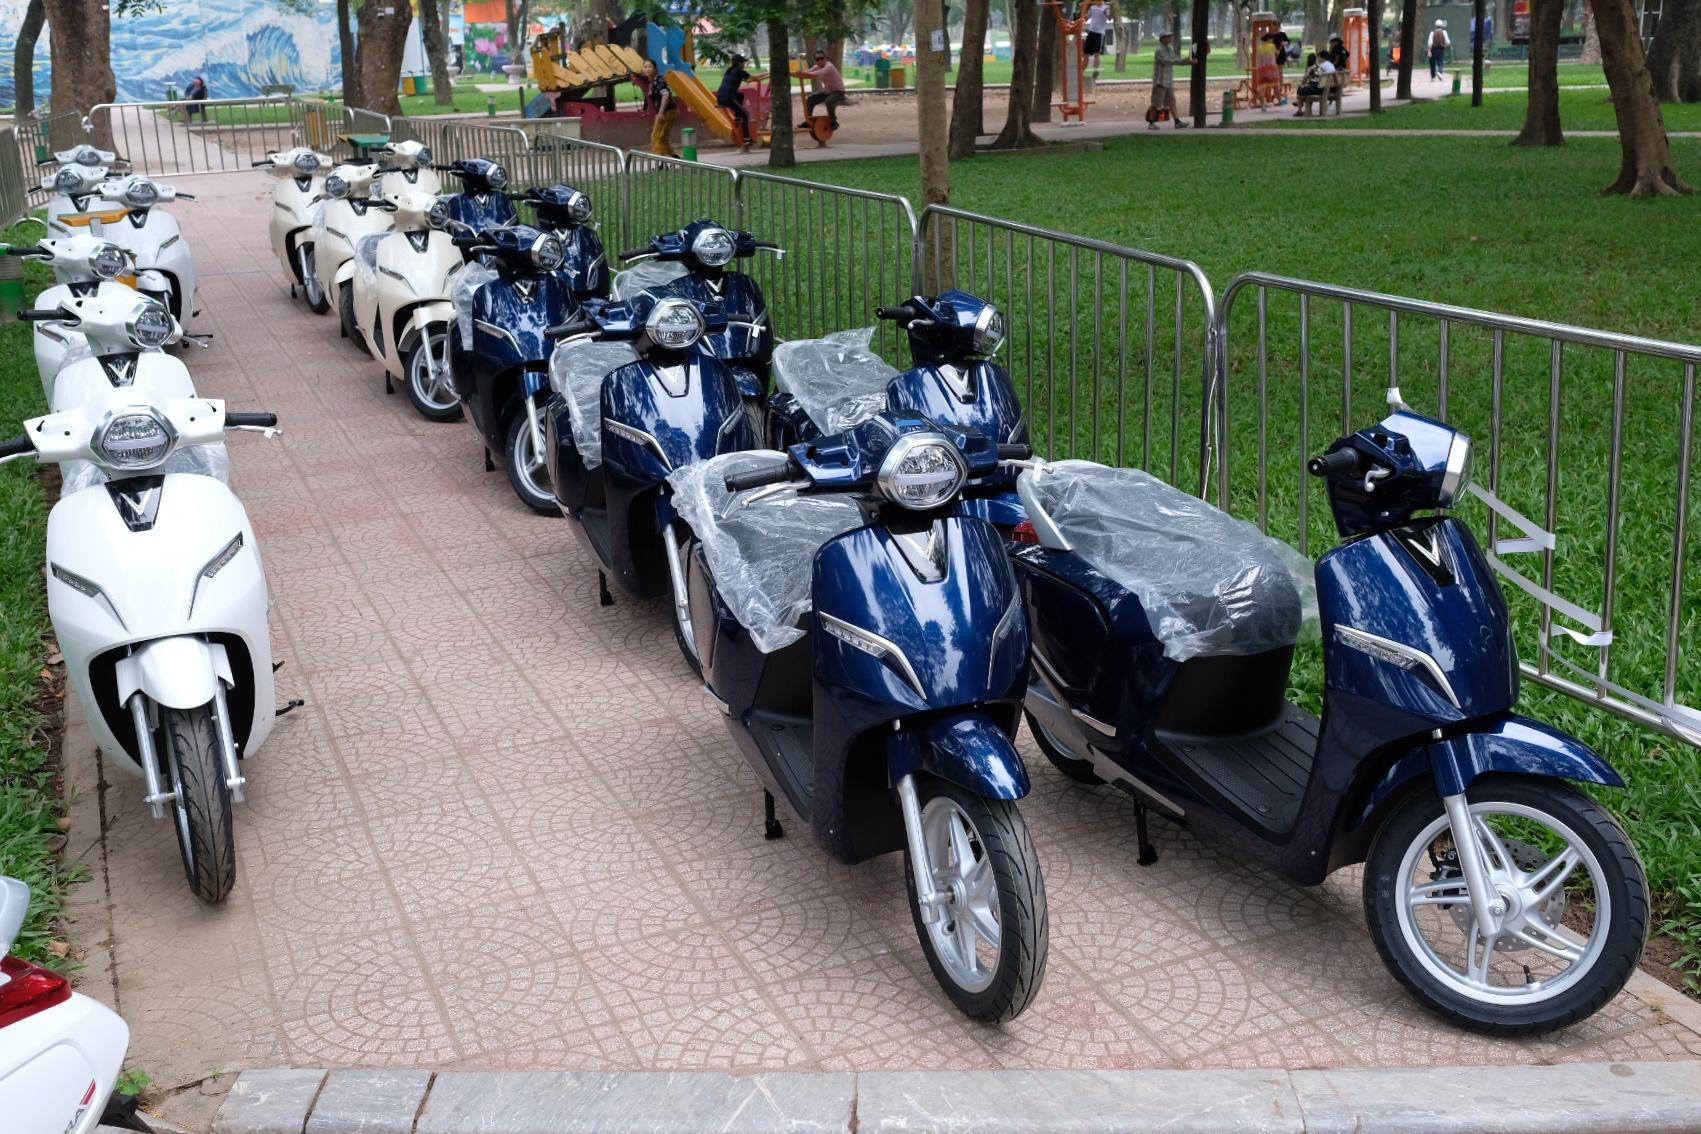 Những hình ảnh mới nhất của ô tô Vinfast chuẩn bị lễ ra mắt tại Hà Nội 3